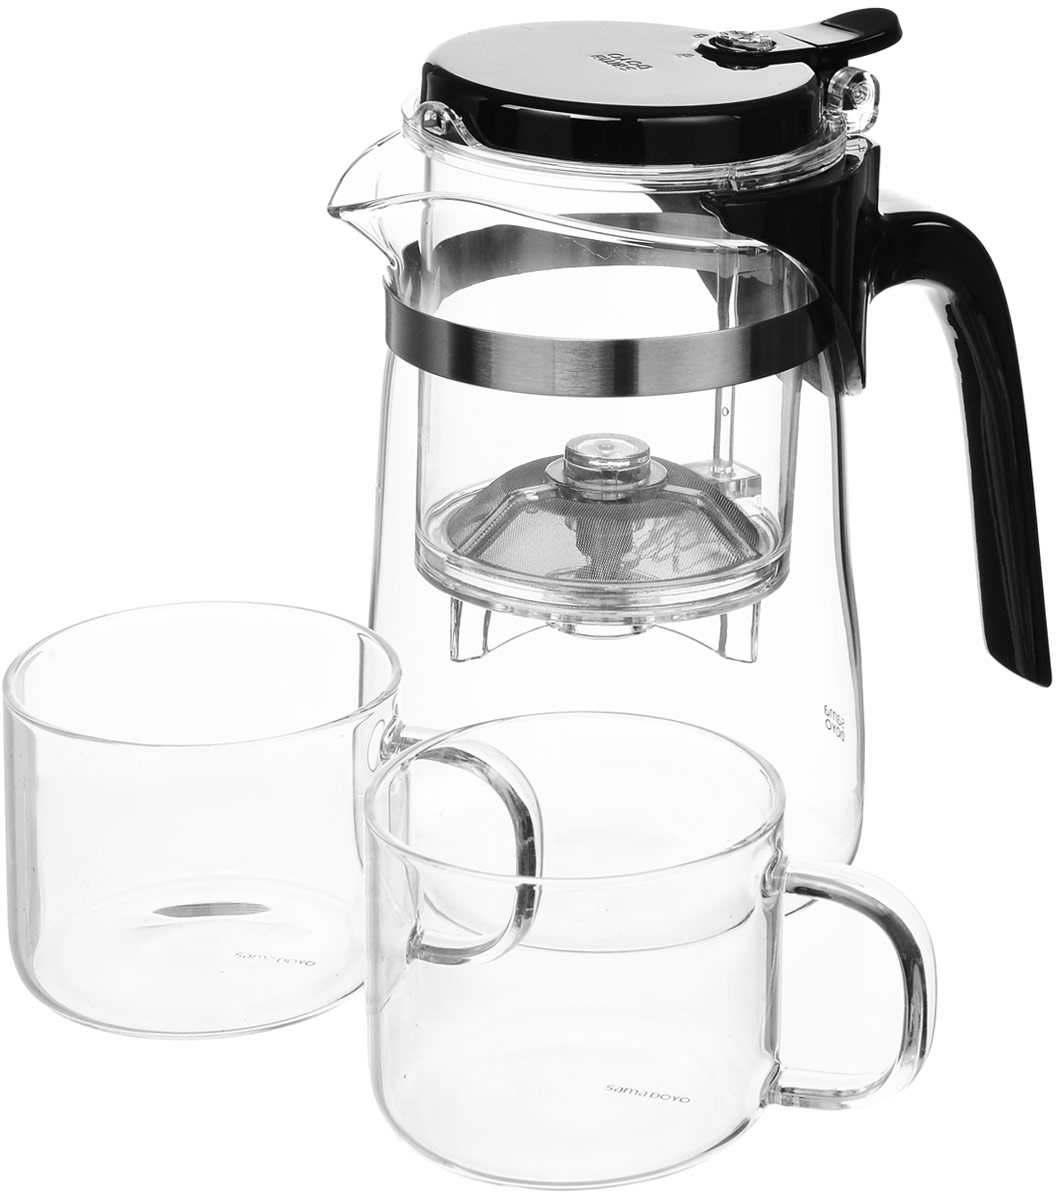 Набор для чая SAMADOYOSAG-08+, 3 предметаSAG-08+Набор для чая SAMADOYOSAG-08+ состоит из заварочного чайника и двух чашек.Заварочный чайник изготовлен из высококачественного термостойкого стекла и пластика. Он удобен в использовании, любой человек, даже не имеющий большого опыта в заваривании чая, сможет заварить в нем чай до правильной консистенции без риска перезаварить чай. При нажатии на кнопку заваренный настой из фильтра переливается в нижнюю часть чайника, процесс заварки останавливается, а чаинки остаются в фильтре.Чашки выполнены из боросиликатного стекла, что делает их устойчивыми к перепадам температур. Благодаря этому они намного легче и прочнее, чем обычное стекло. Прозрачность позволяет полностью насладиться красивым видом заваренного чая.Диаметр чайника (по верхнему краю): 8 см.Высота чайника: 15 см.Объем чайника: 500 мл.Размер колбы с фильтром (с учетом крышки): 9,5 х 7,5 х 10,5 см.Объем колбы с фильтром: 250 мл.Диаметр чашки (по верхнему краю): 6,5 см.Высота стенки чашки: 5 см.Объем чашки: 150 мл.